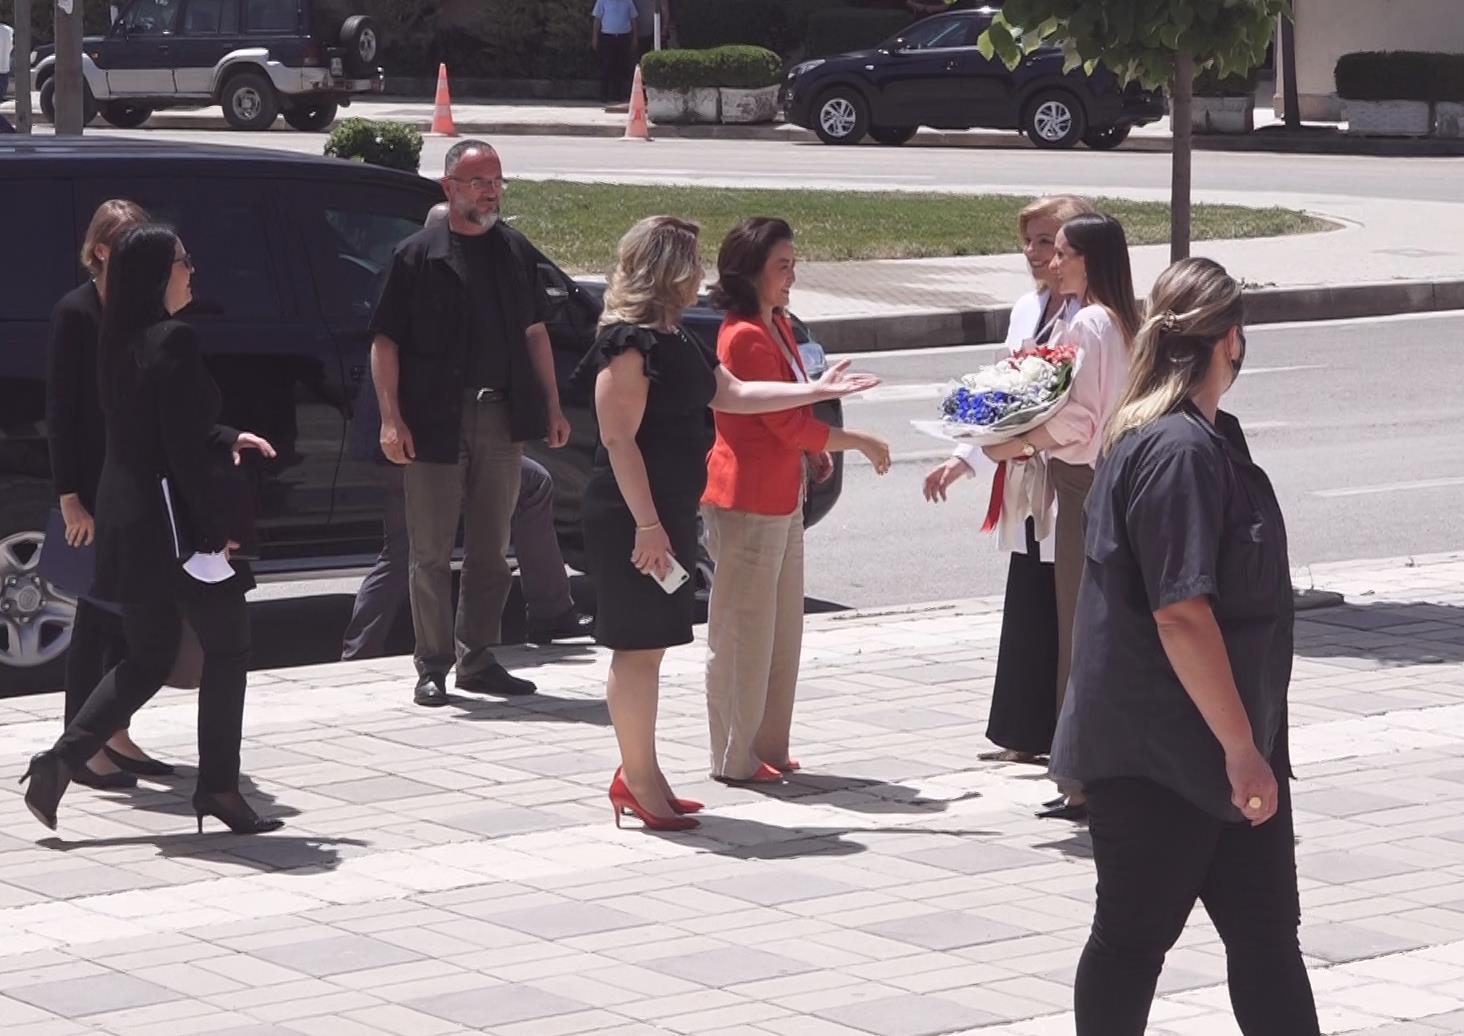 FOTO/ Ambasadorja e SHBA viziton për herë të parë Kukësin, i bën përshtypje Rruga e Kombit